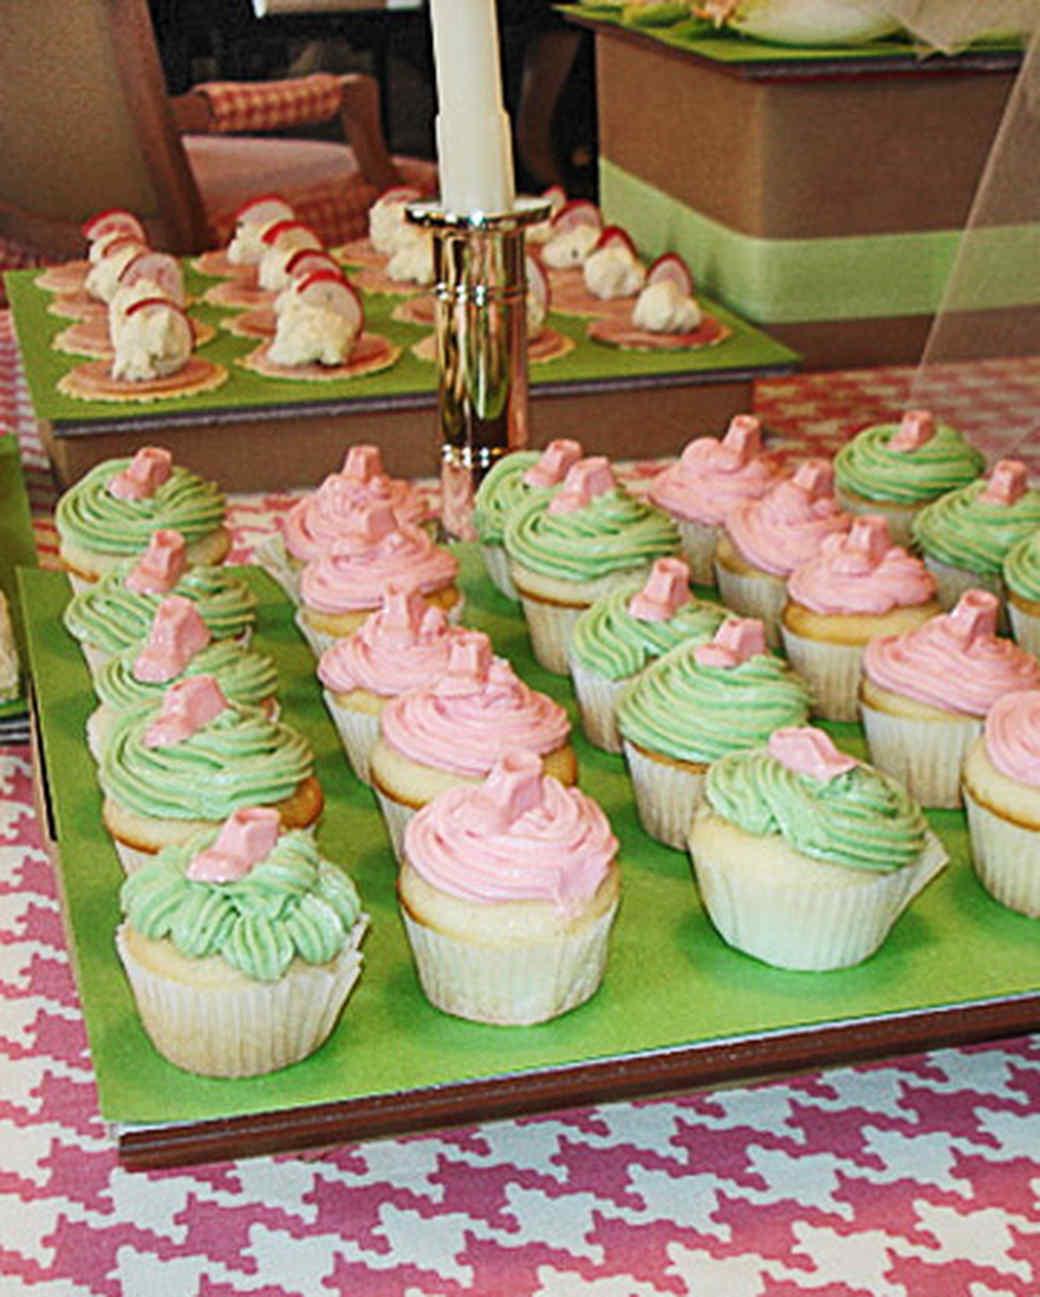 cupcakes_ori81019.jpg